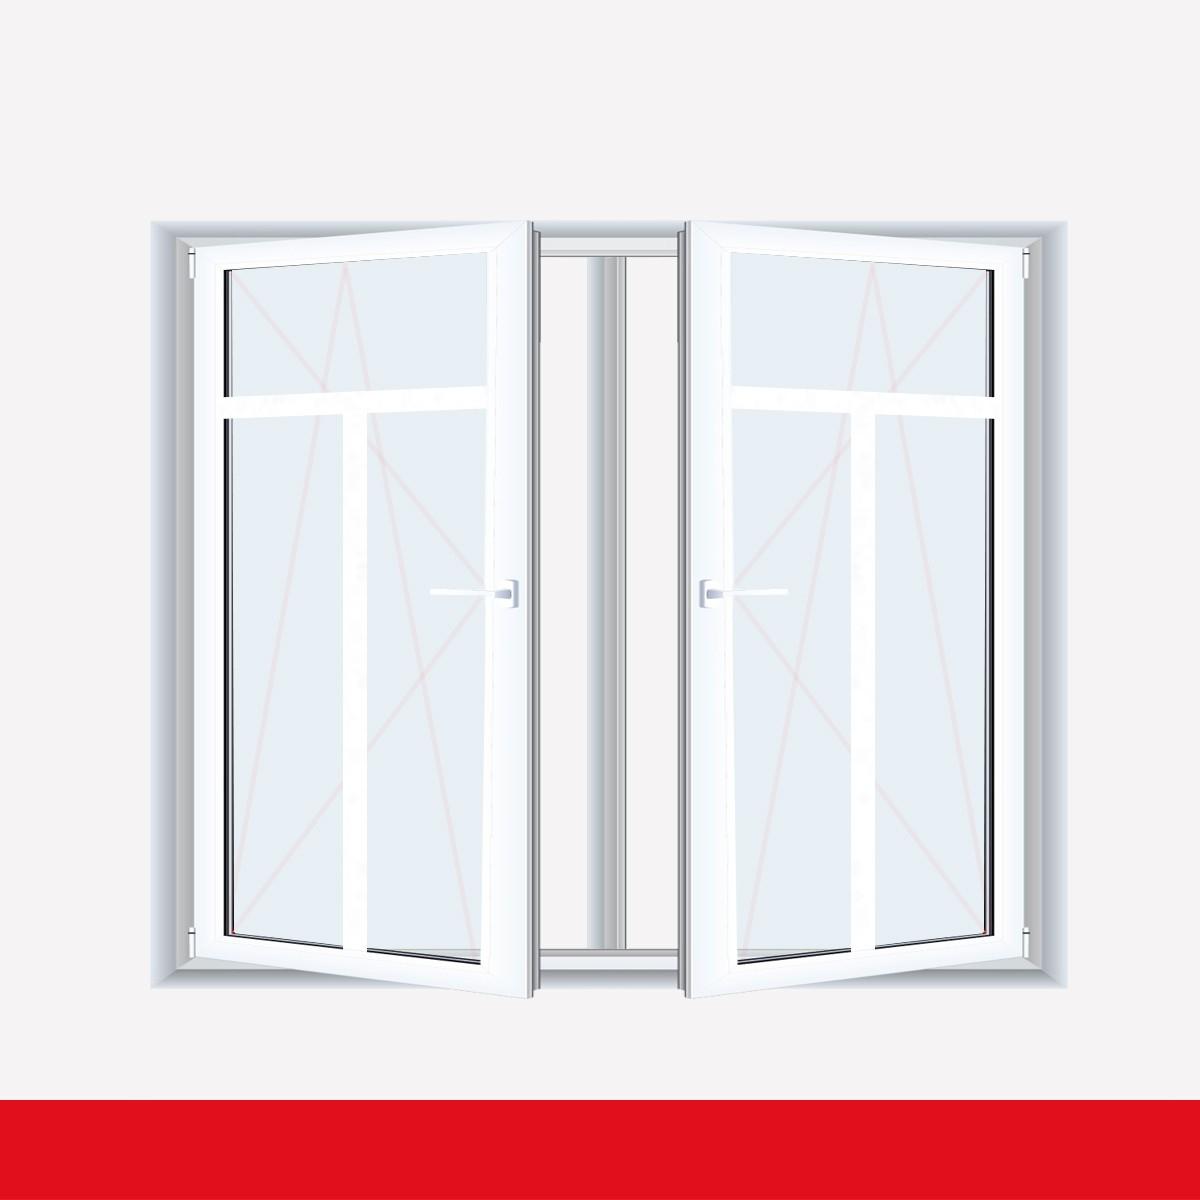 Fenster mit t sprossen  Sprossenfenster Typ 3 Felder Weiß 2 flg. DK-DK Kunststofffenster ...